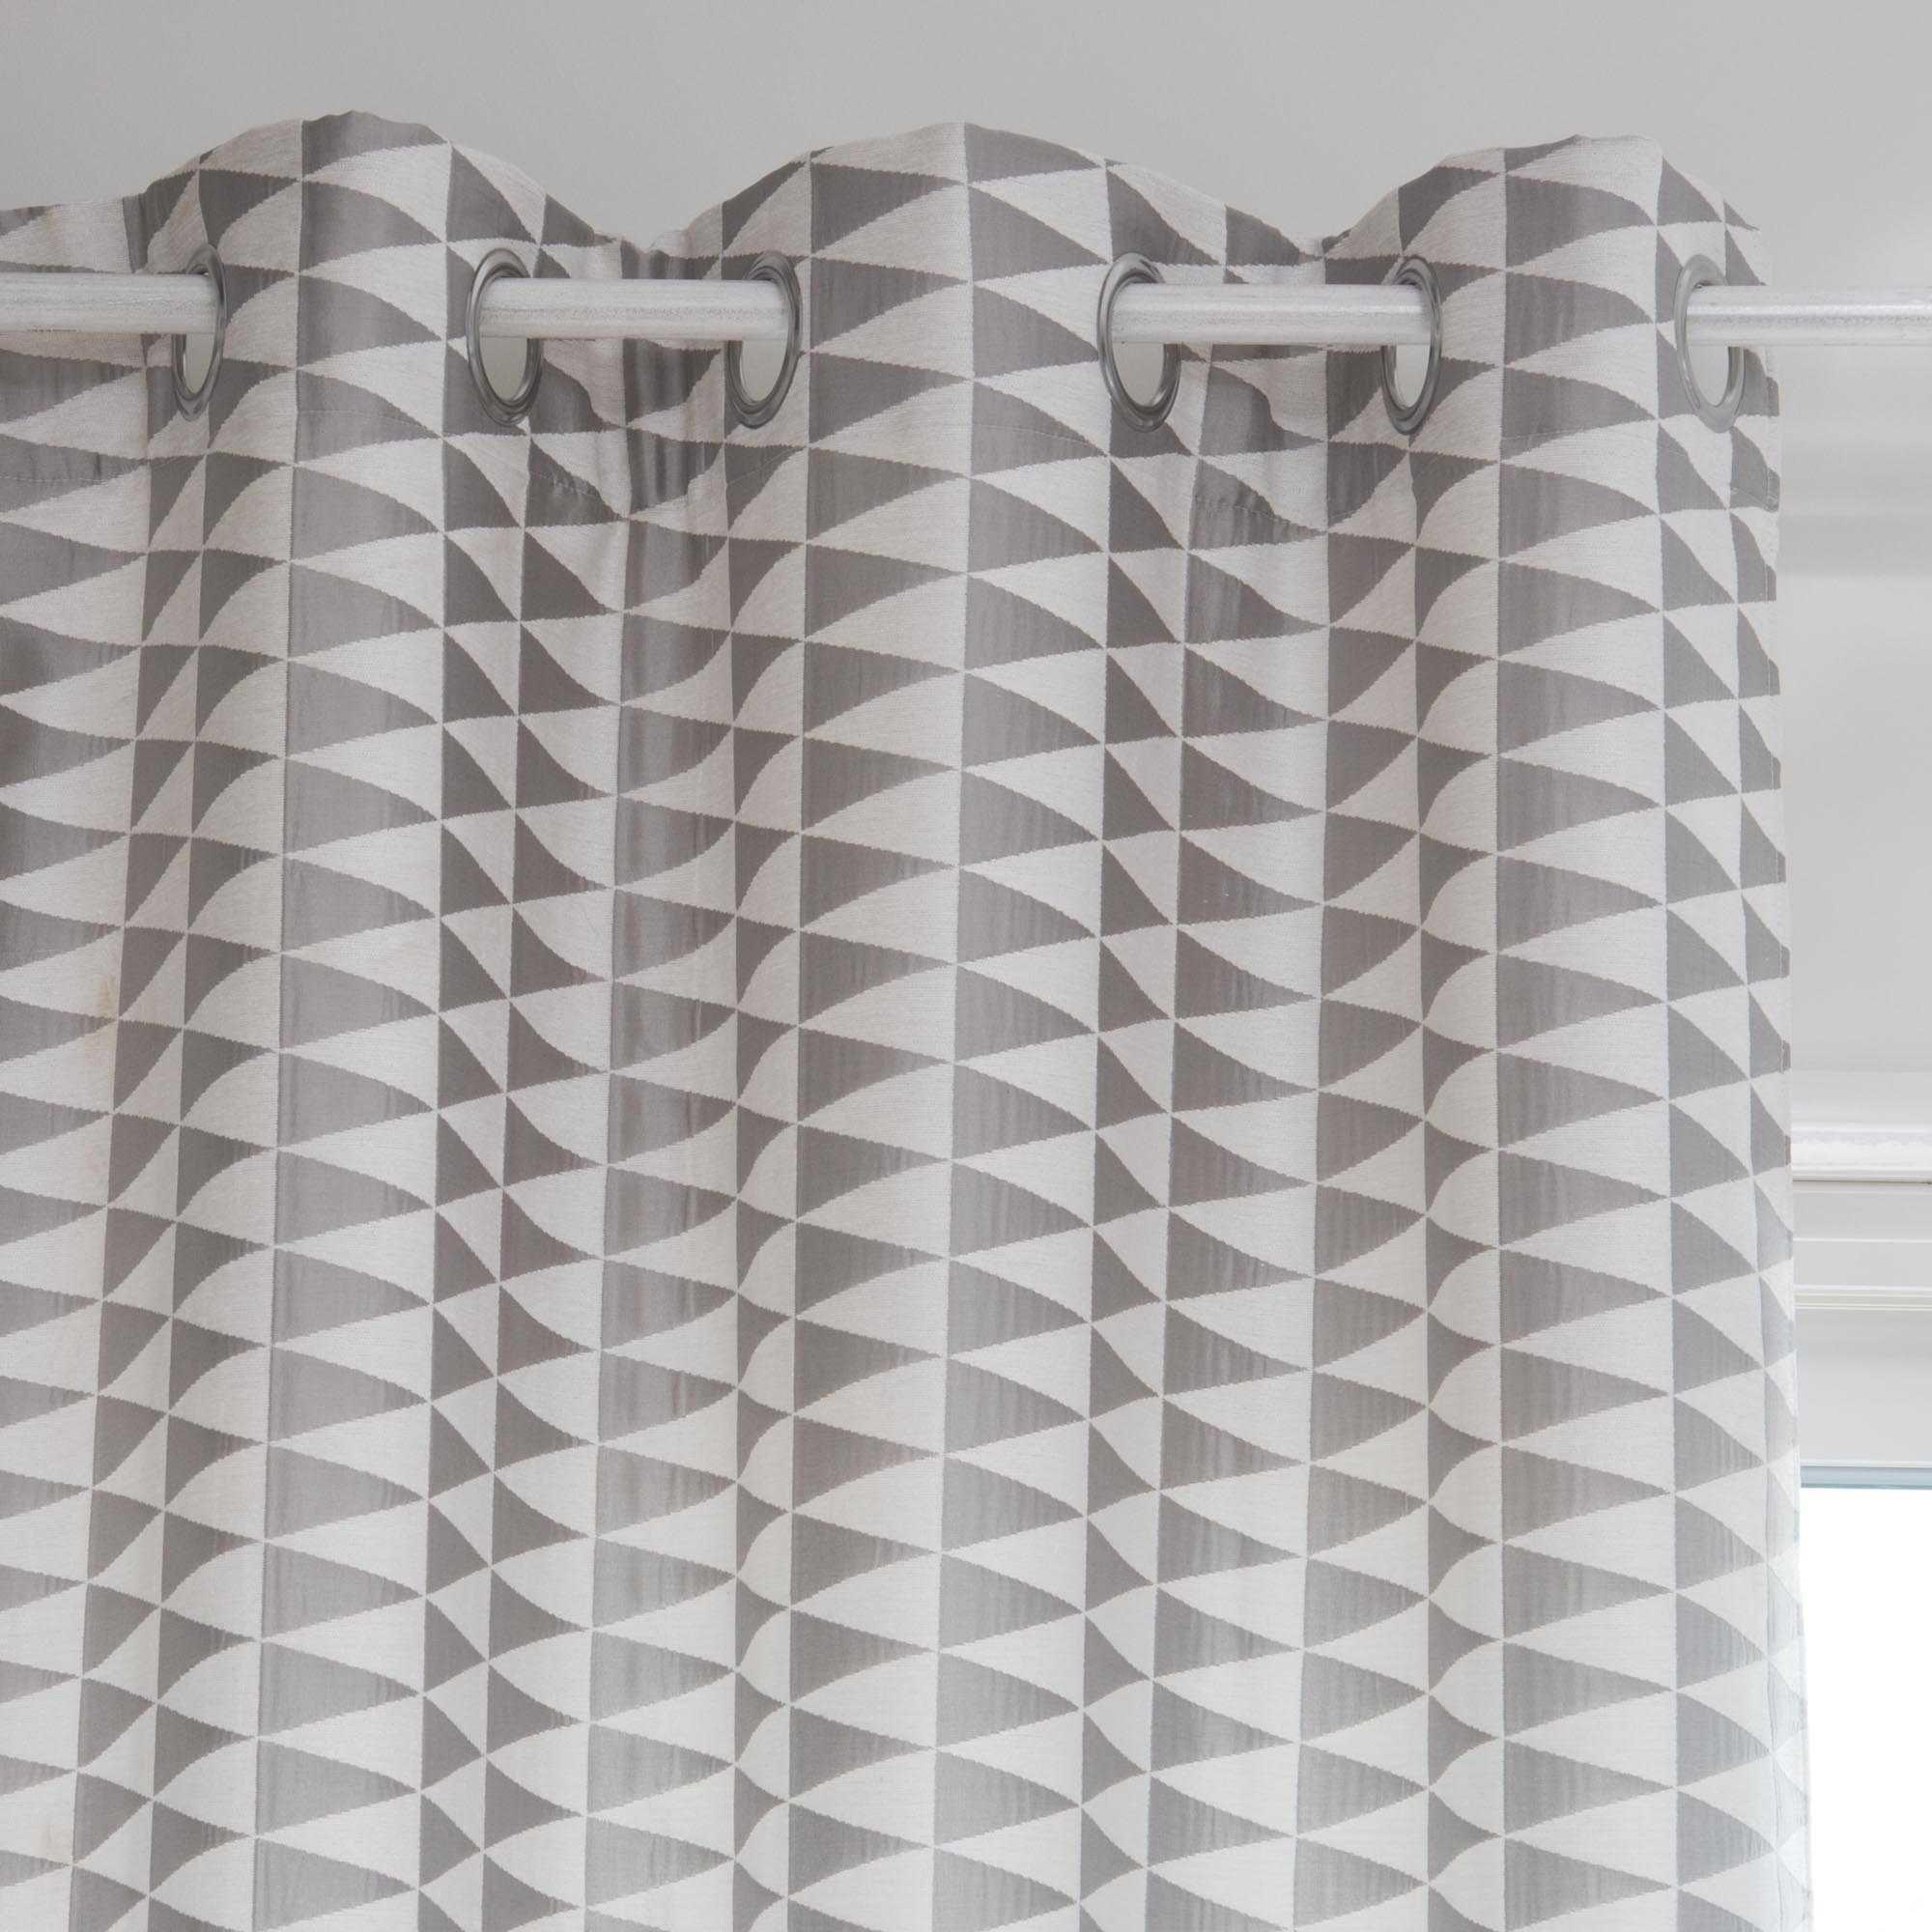 Rideau A œillets Motifs Triangles Gris Blancs 130 X 270 Cm Trix Maisons Du Monde Rideaux Oeillets Rideaux Gris Blanc